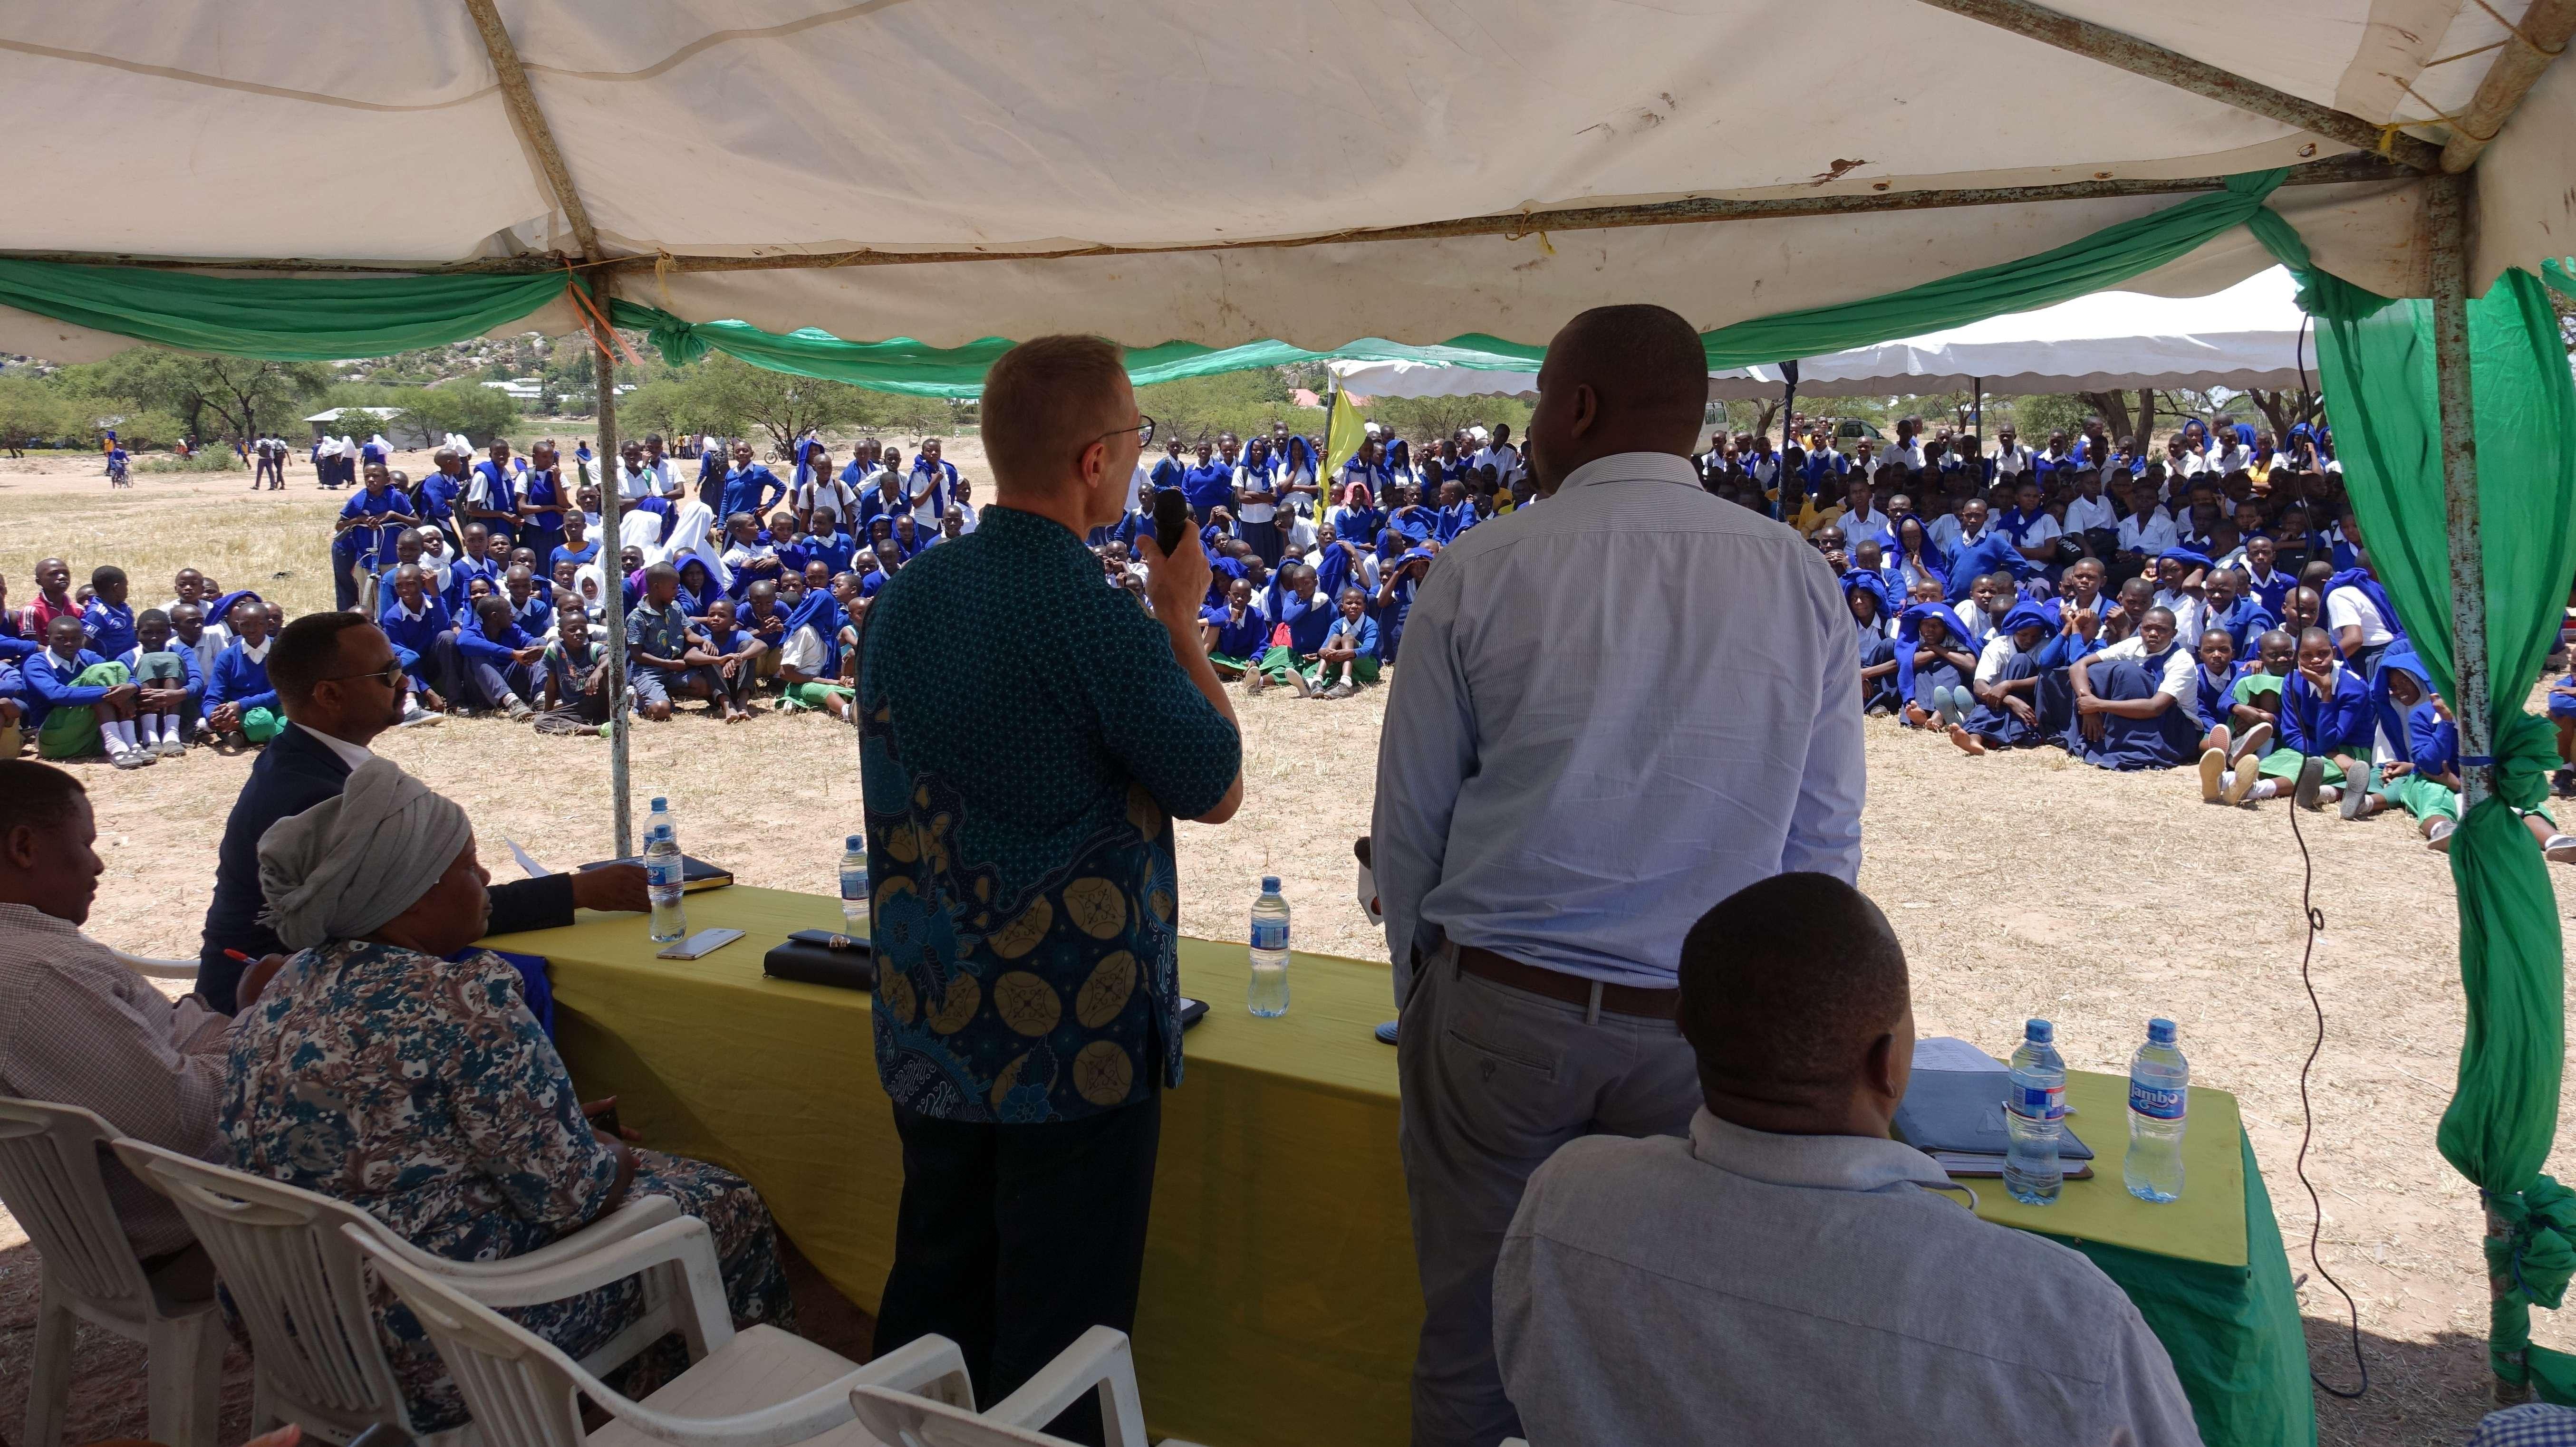 Dr. Andreas Müller erläutert Schülern und Multiplikatoren im Distrikt Magu die Hintergründe des Projekts zur Bekämpfung der Schistosomiasis . Zusätzlich anwesend sind weitere politische Ehrengäste aus der Stadt Mwanza und dem Distrikt Magu, sowie der medizinischen Direktor des Distrikts.